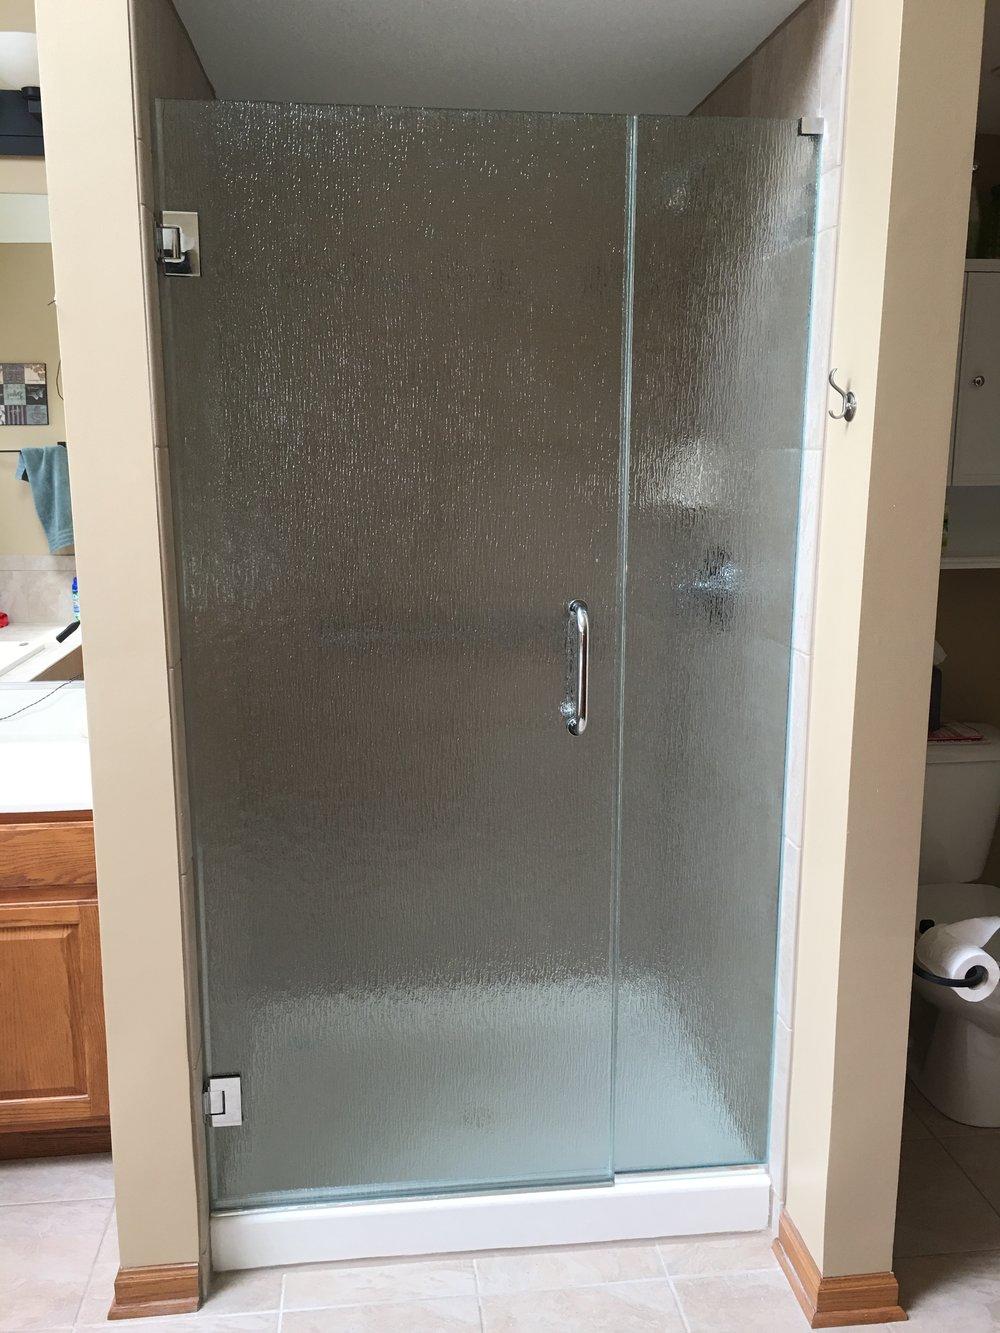 Shower doors 2020 glass llc rain glass door panel eventelaan Choice Image